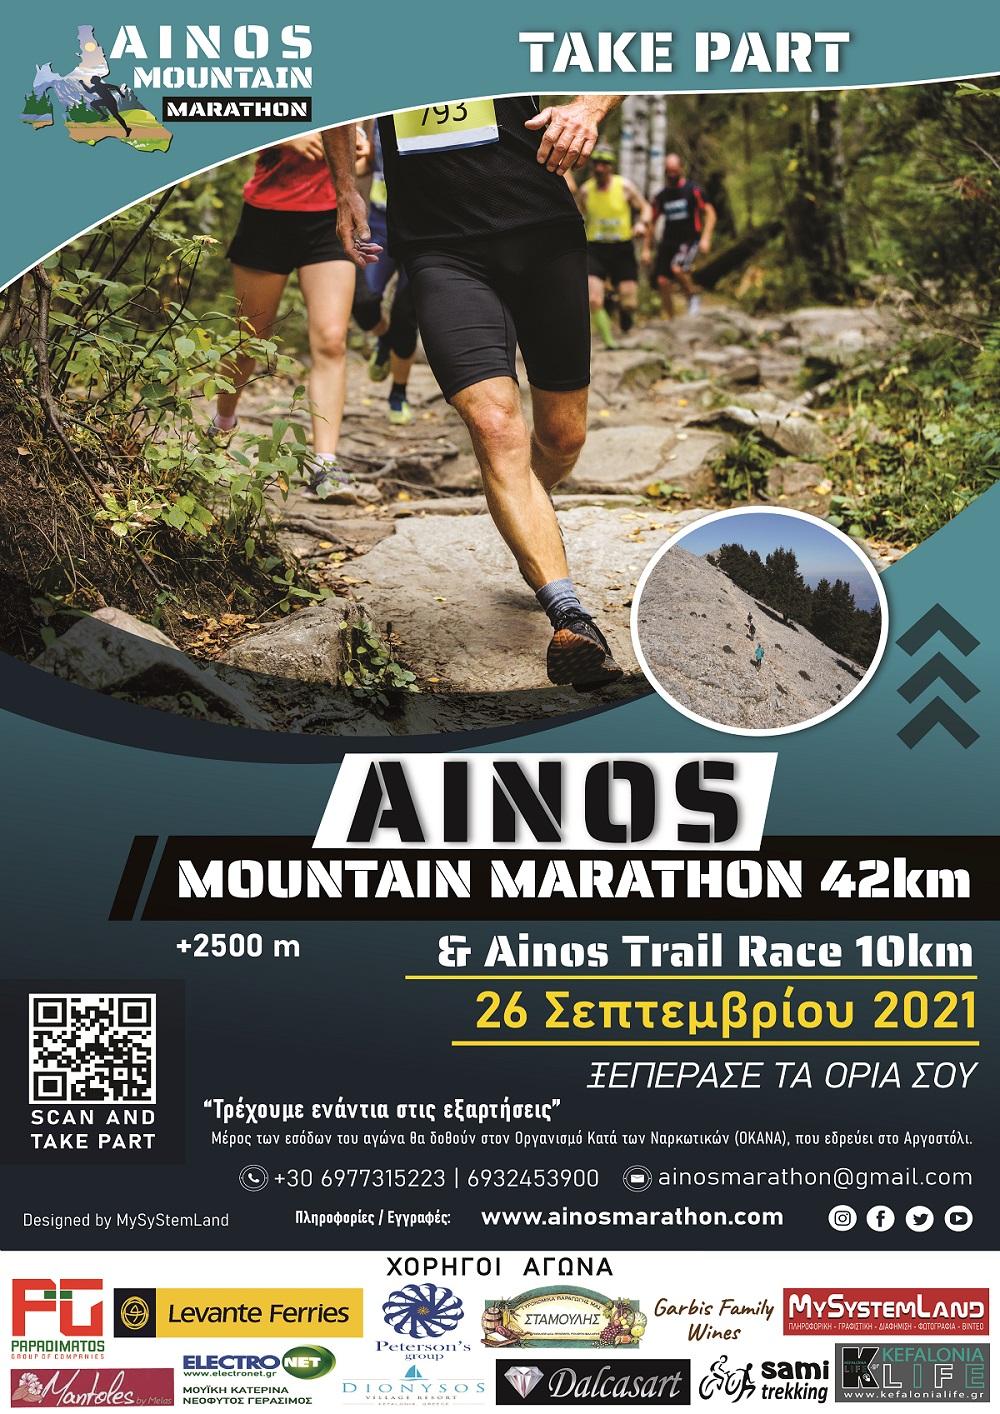 Συνεχίζονται οι εγγραφές για το Ainos Mountain Marathon 2021